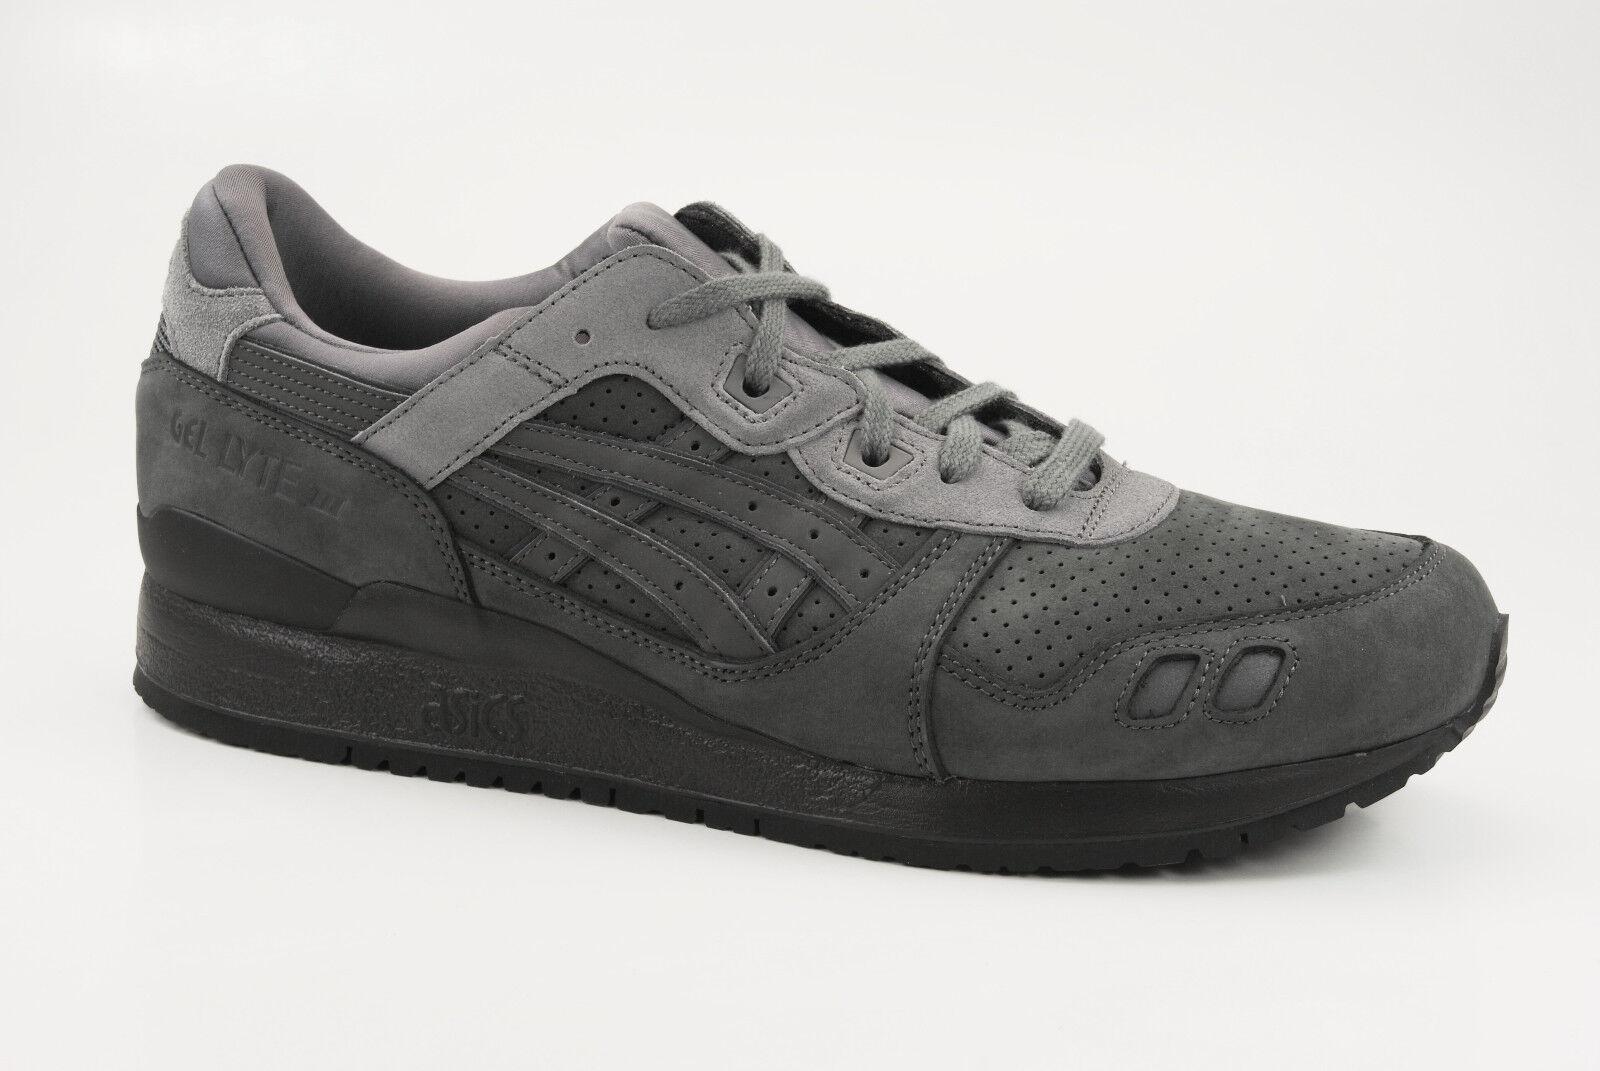 Asics Gel Gel Gel -Lyte III 3 Moonwalker Pack Gym skor skor herr kvinnor h6w0l -1616  Din tillfredsställelse är vårt mål